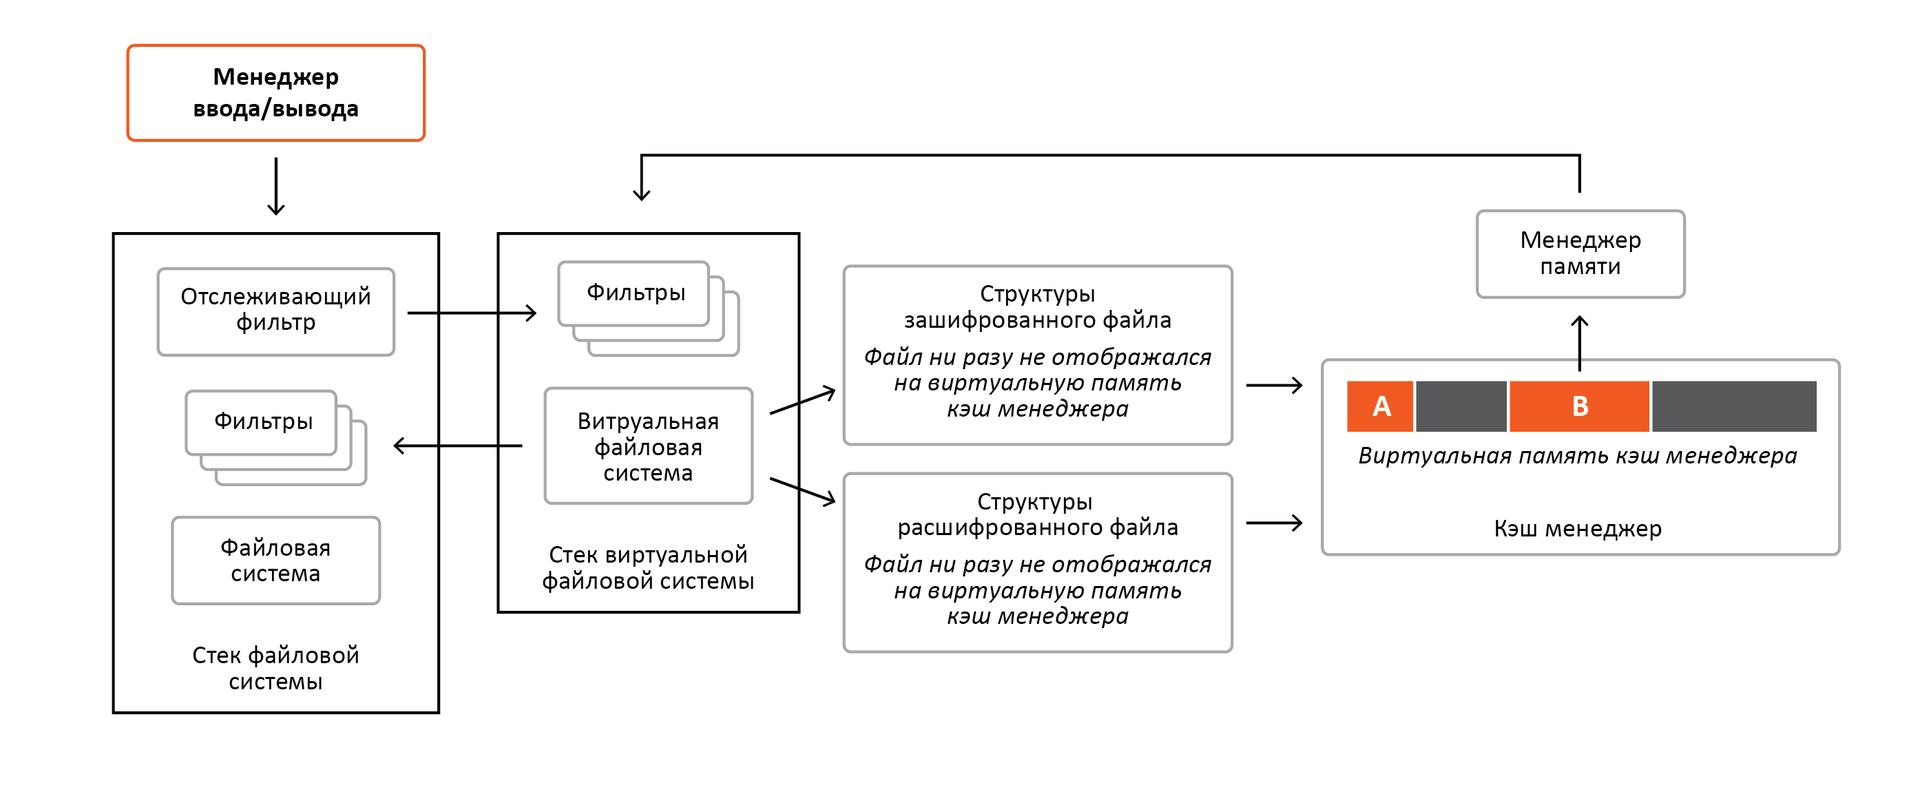 «Разрубить Гордиев узел» или преодоление проблем шифрования информации в ОС Windows - 15